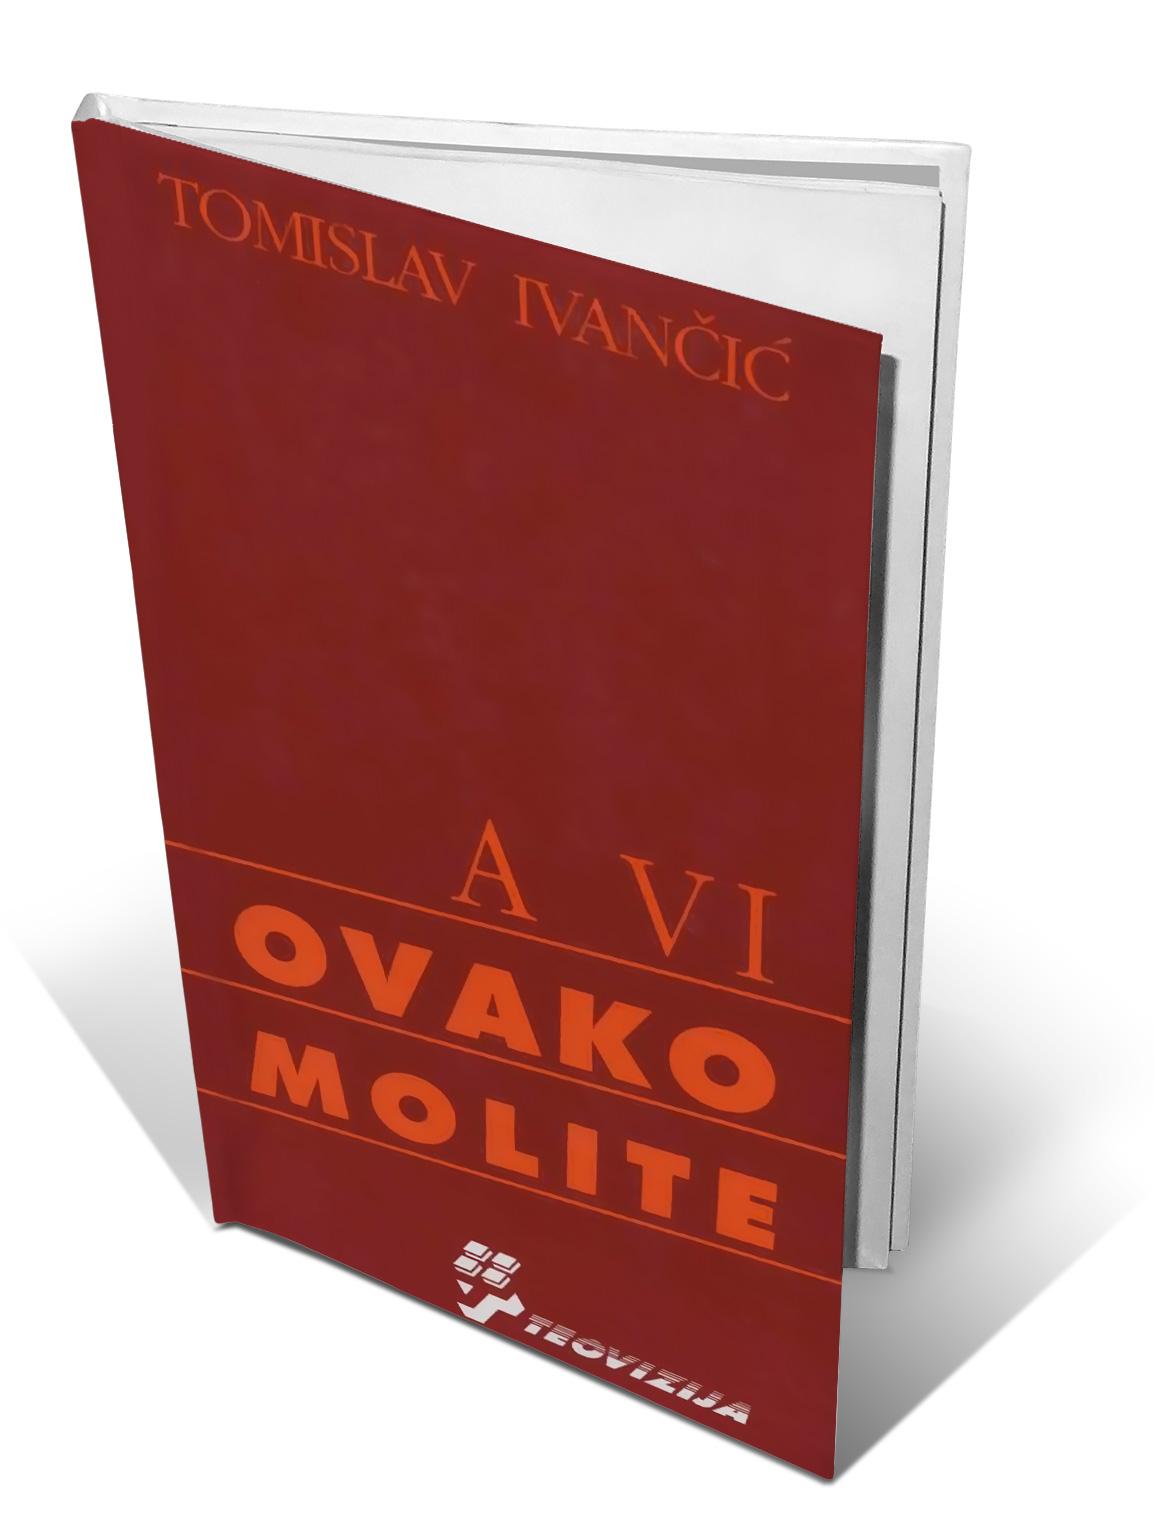 A VI OVAKO MOLITE - Tomislav Ivančić